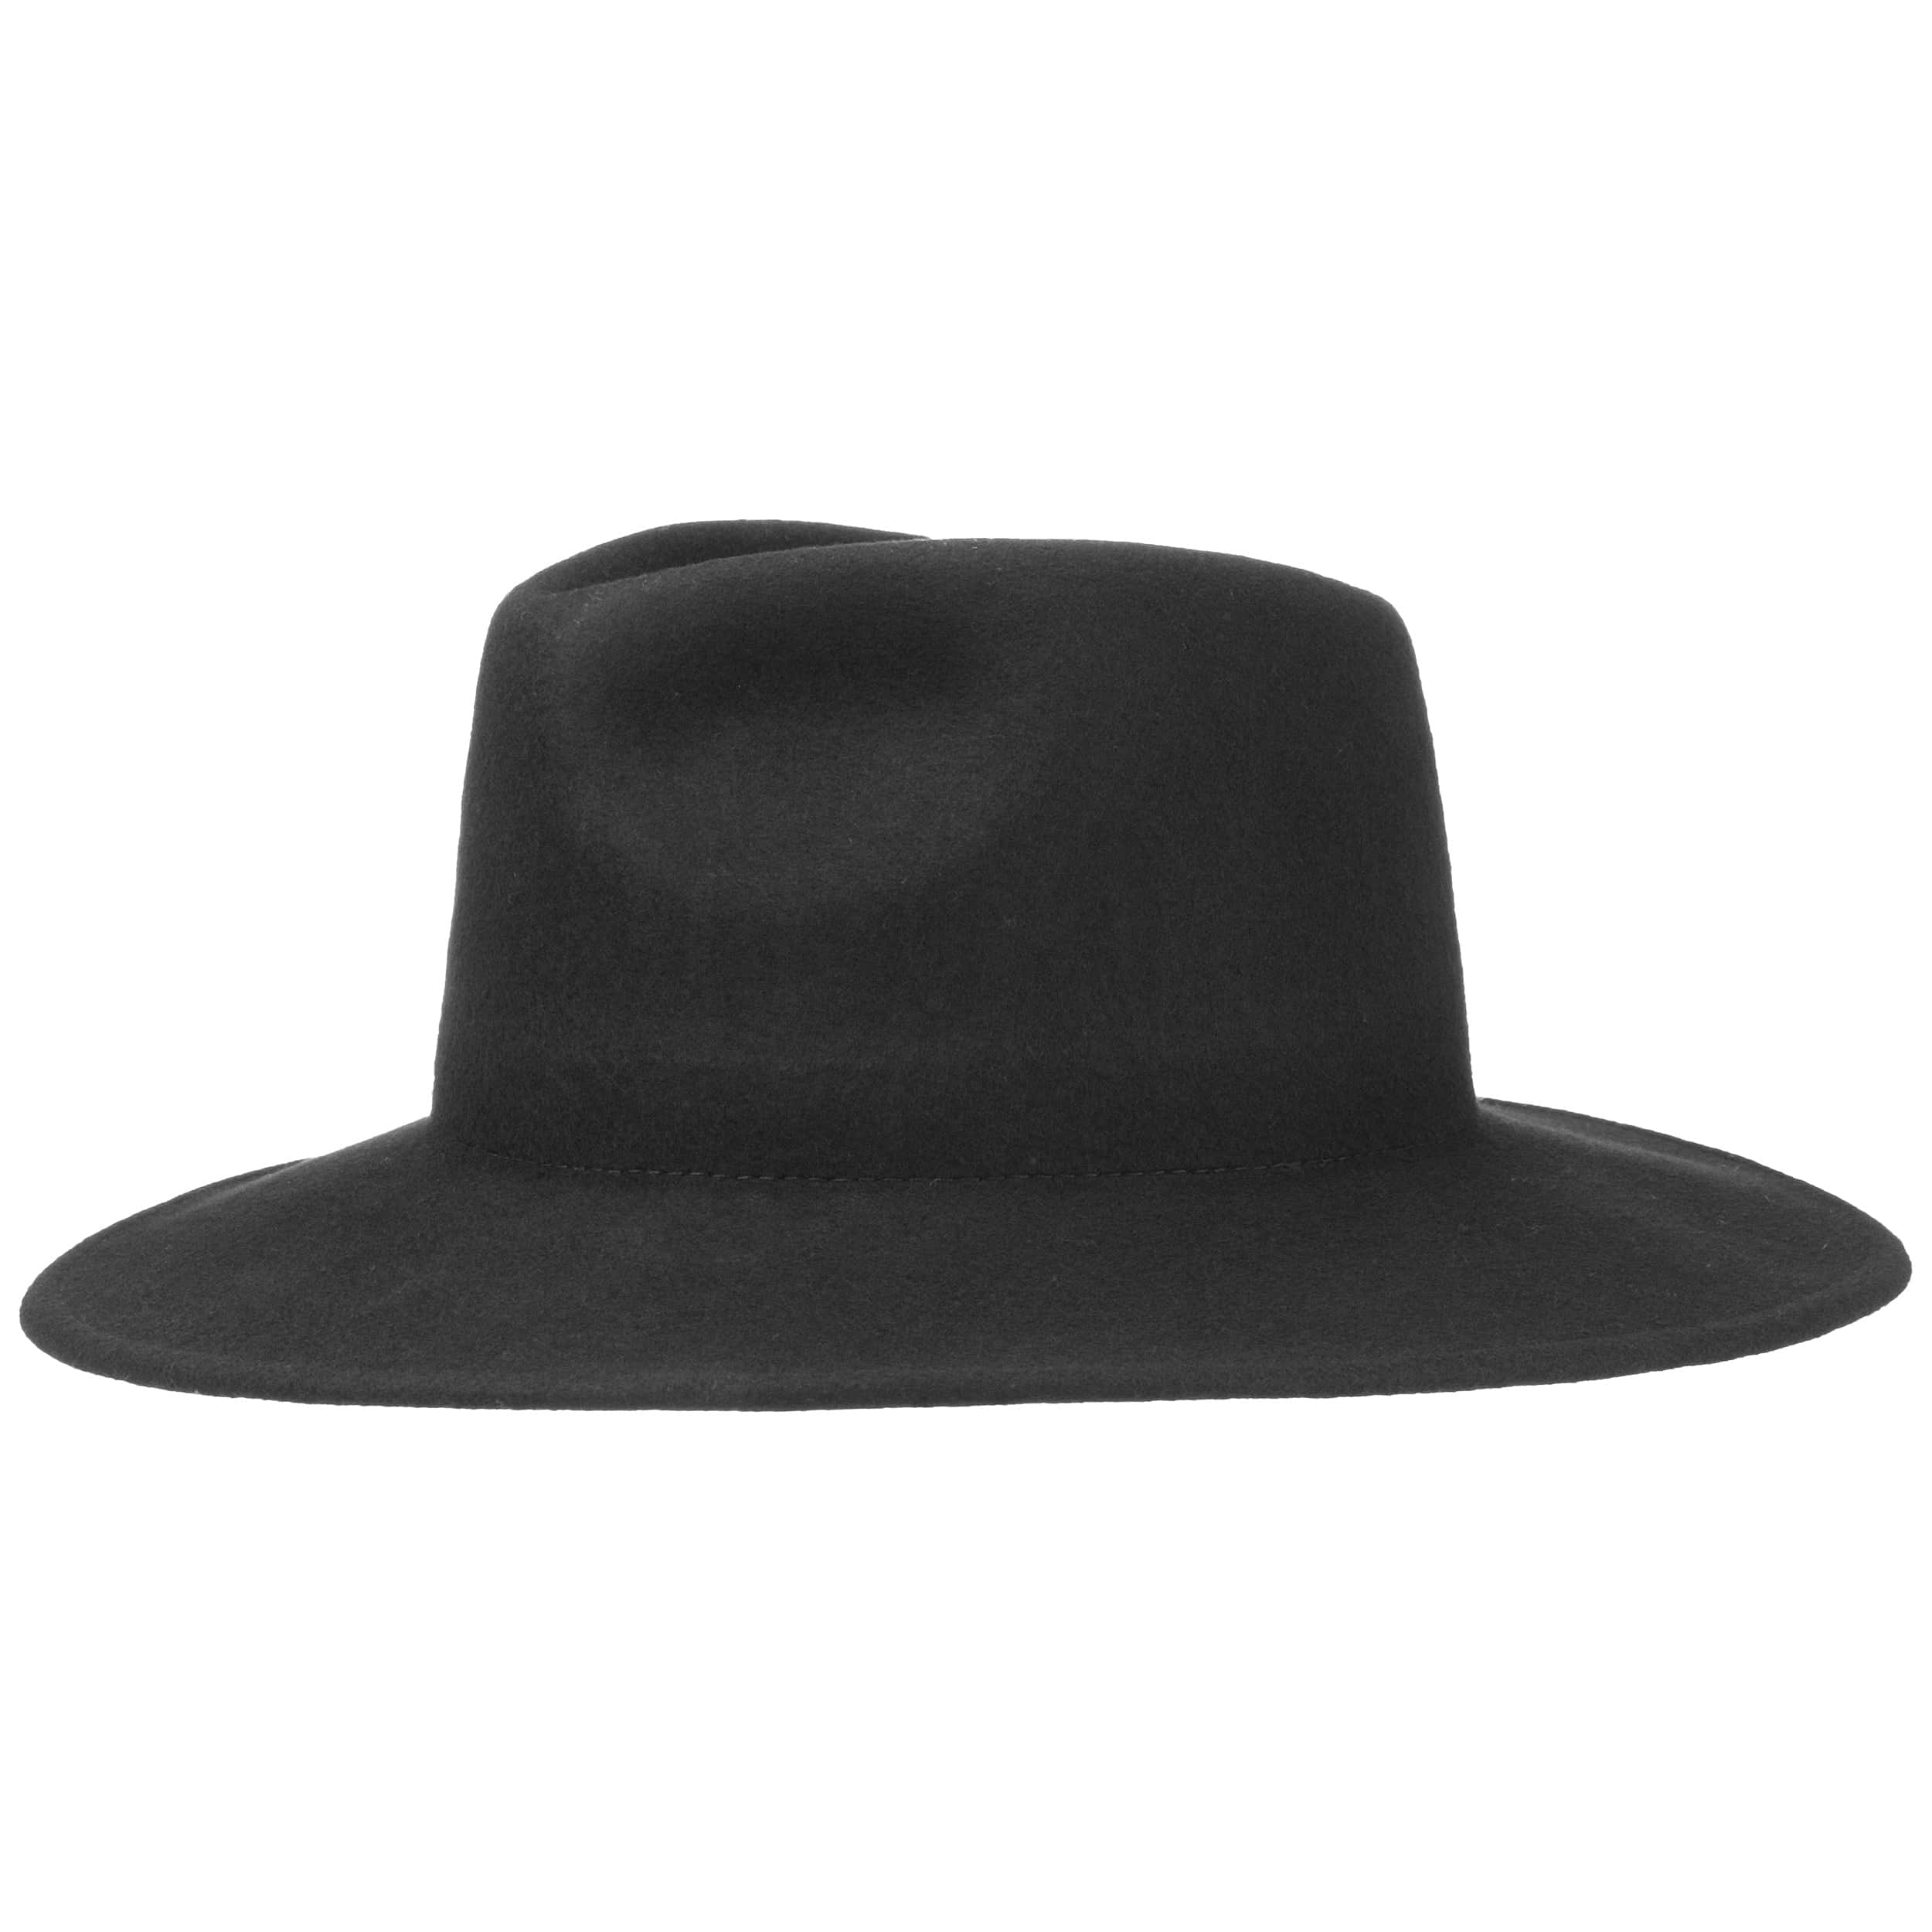 84eb74e0aa069 ... Big Brim Fedora Felt Hat by Levi´s - black 4